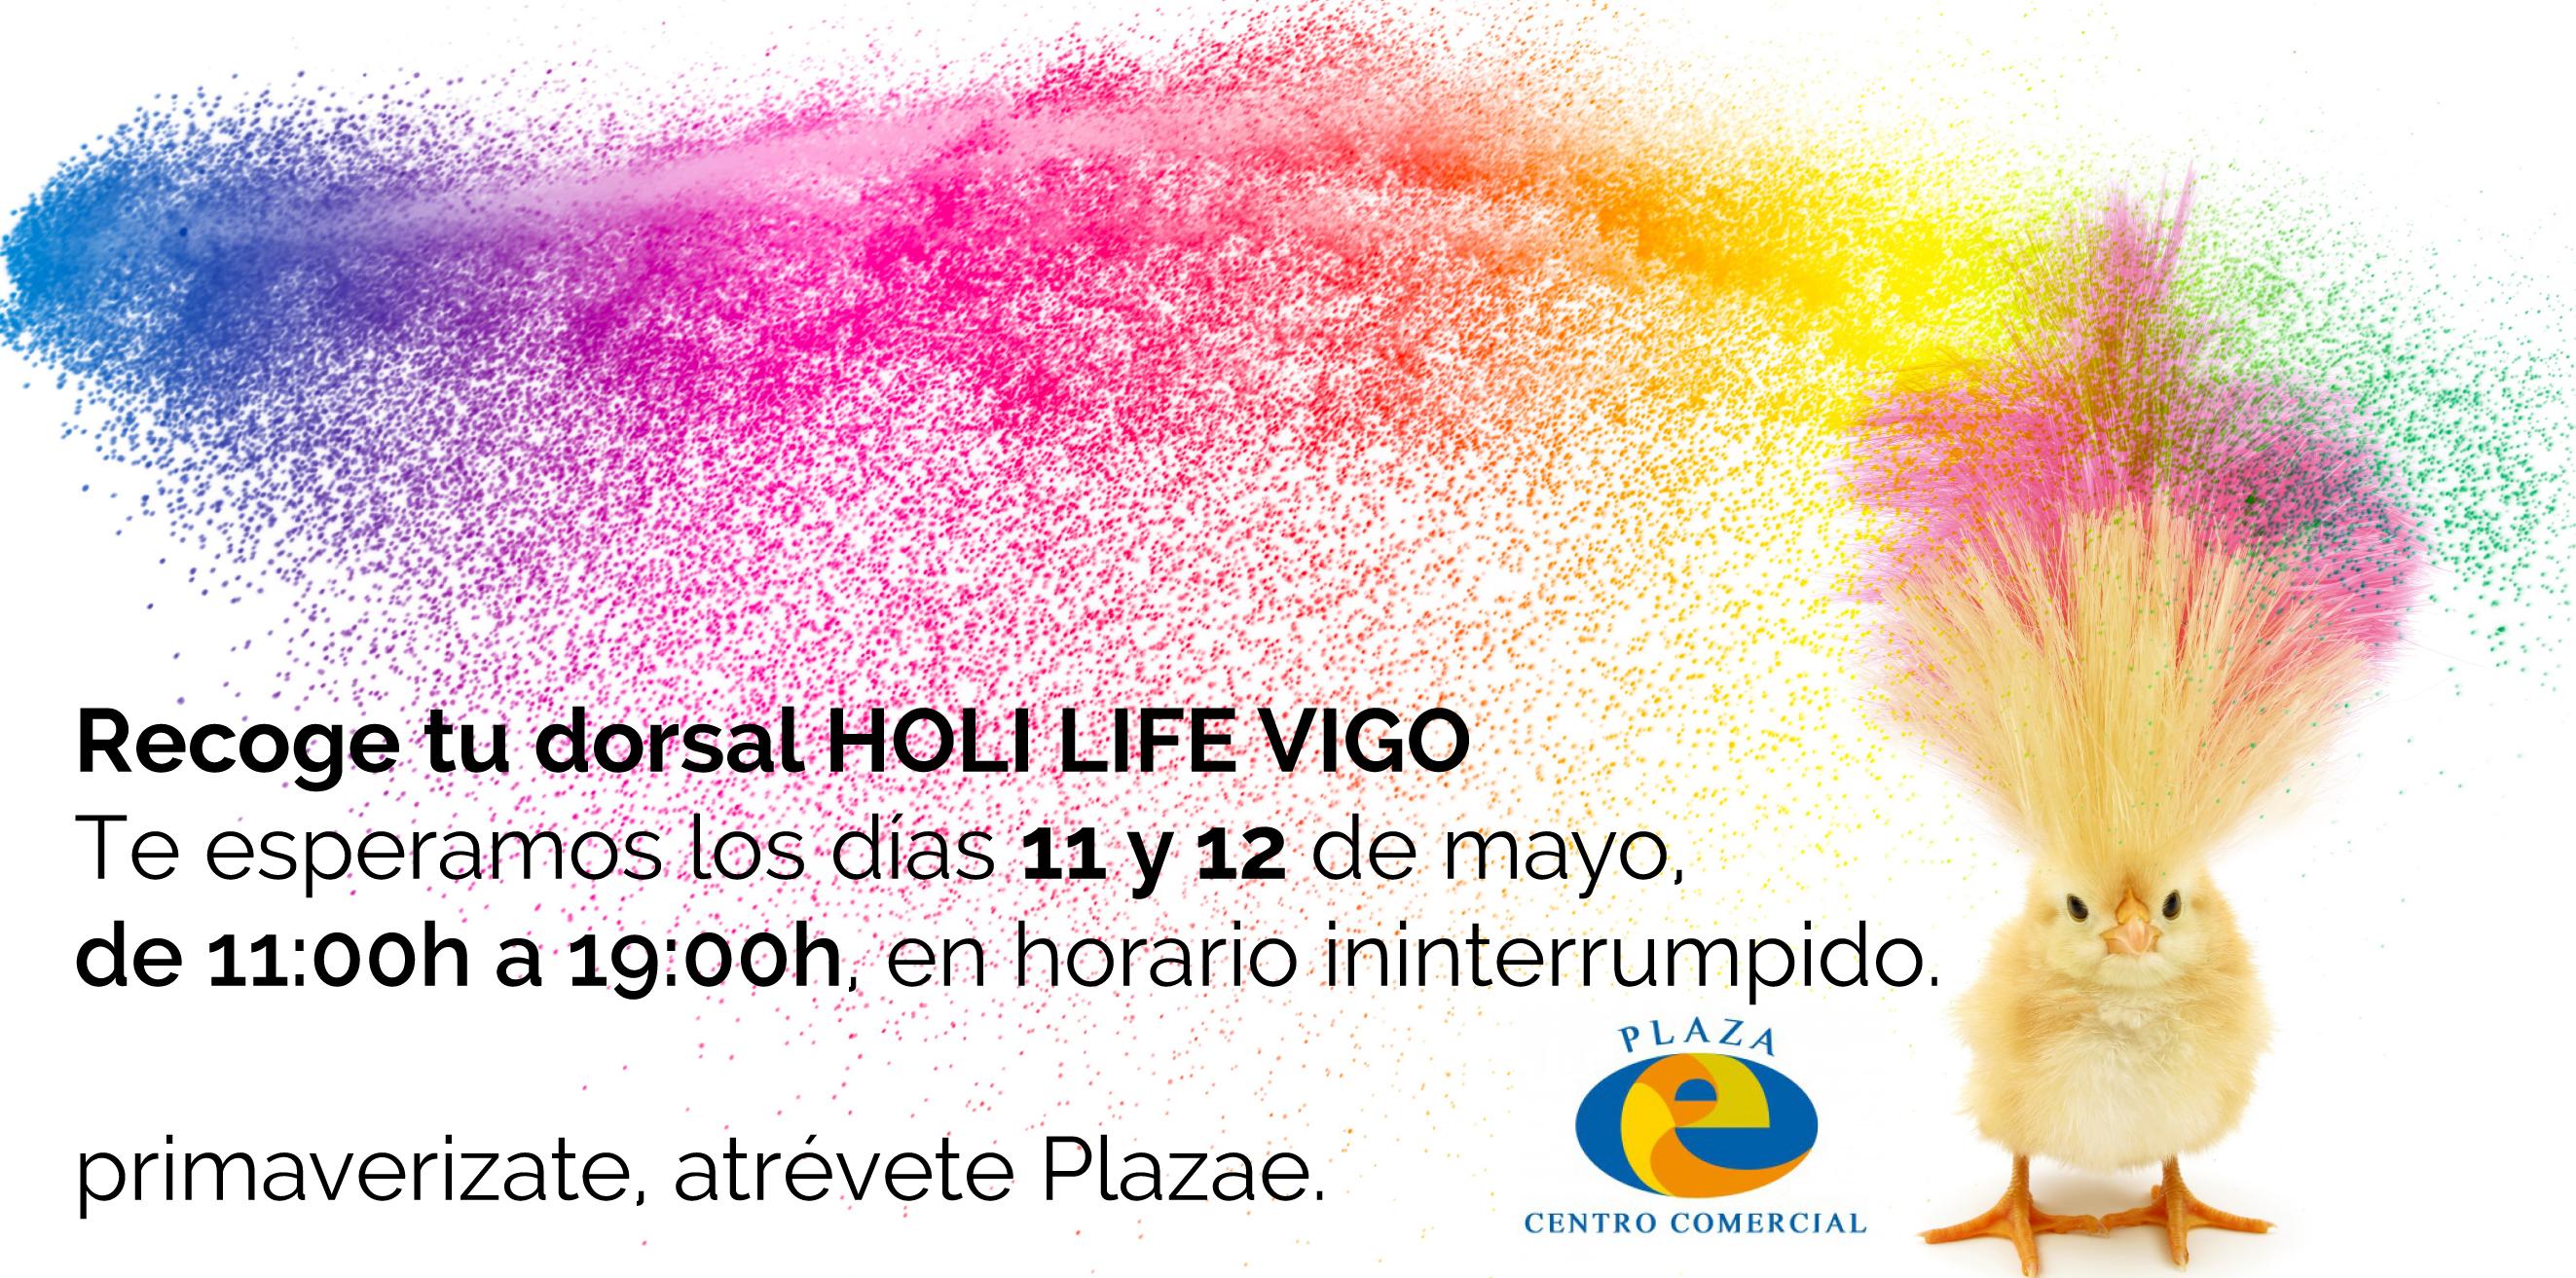 Recoge tu dorsal Holi Life Vigo en Centro Comercial Plaza Eliptica.